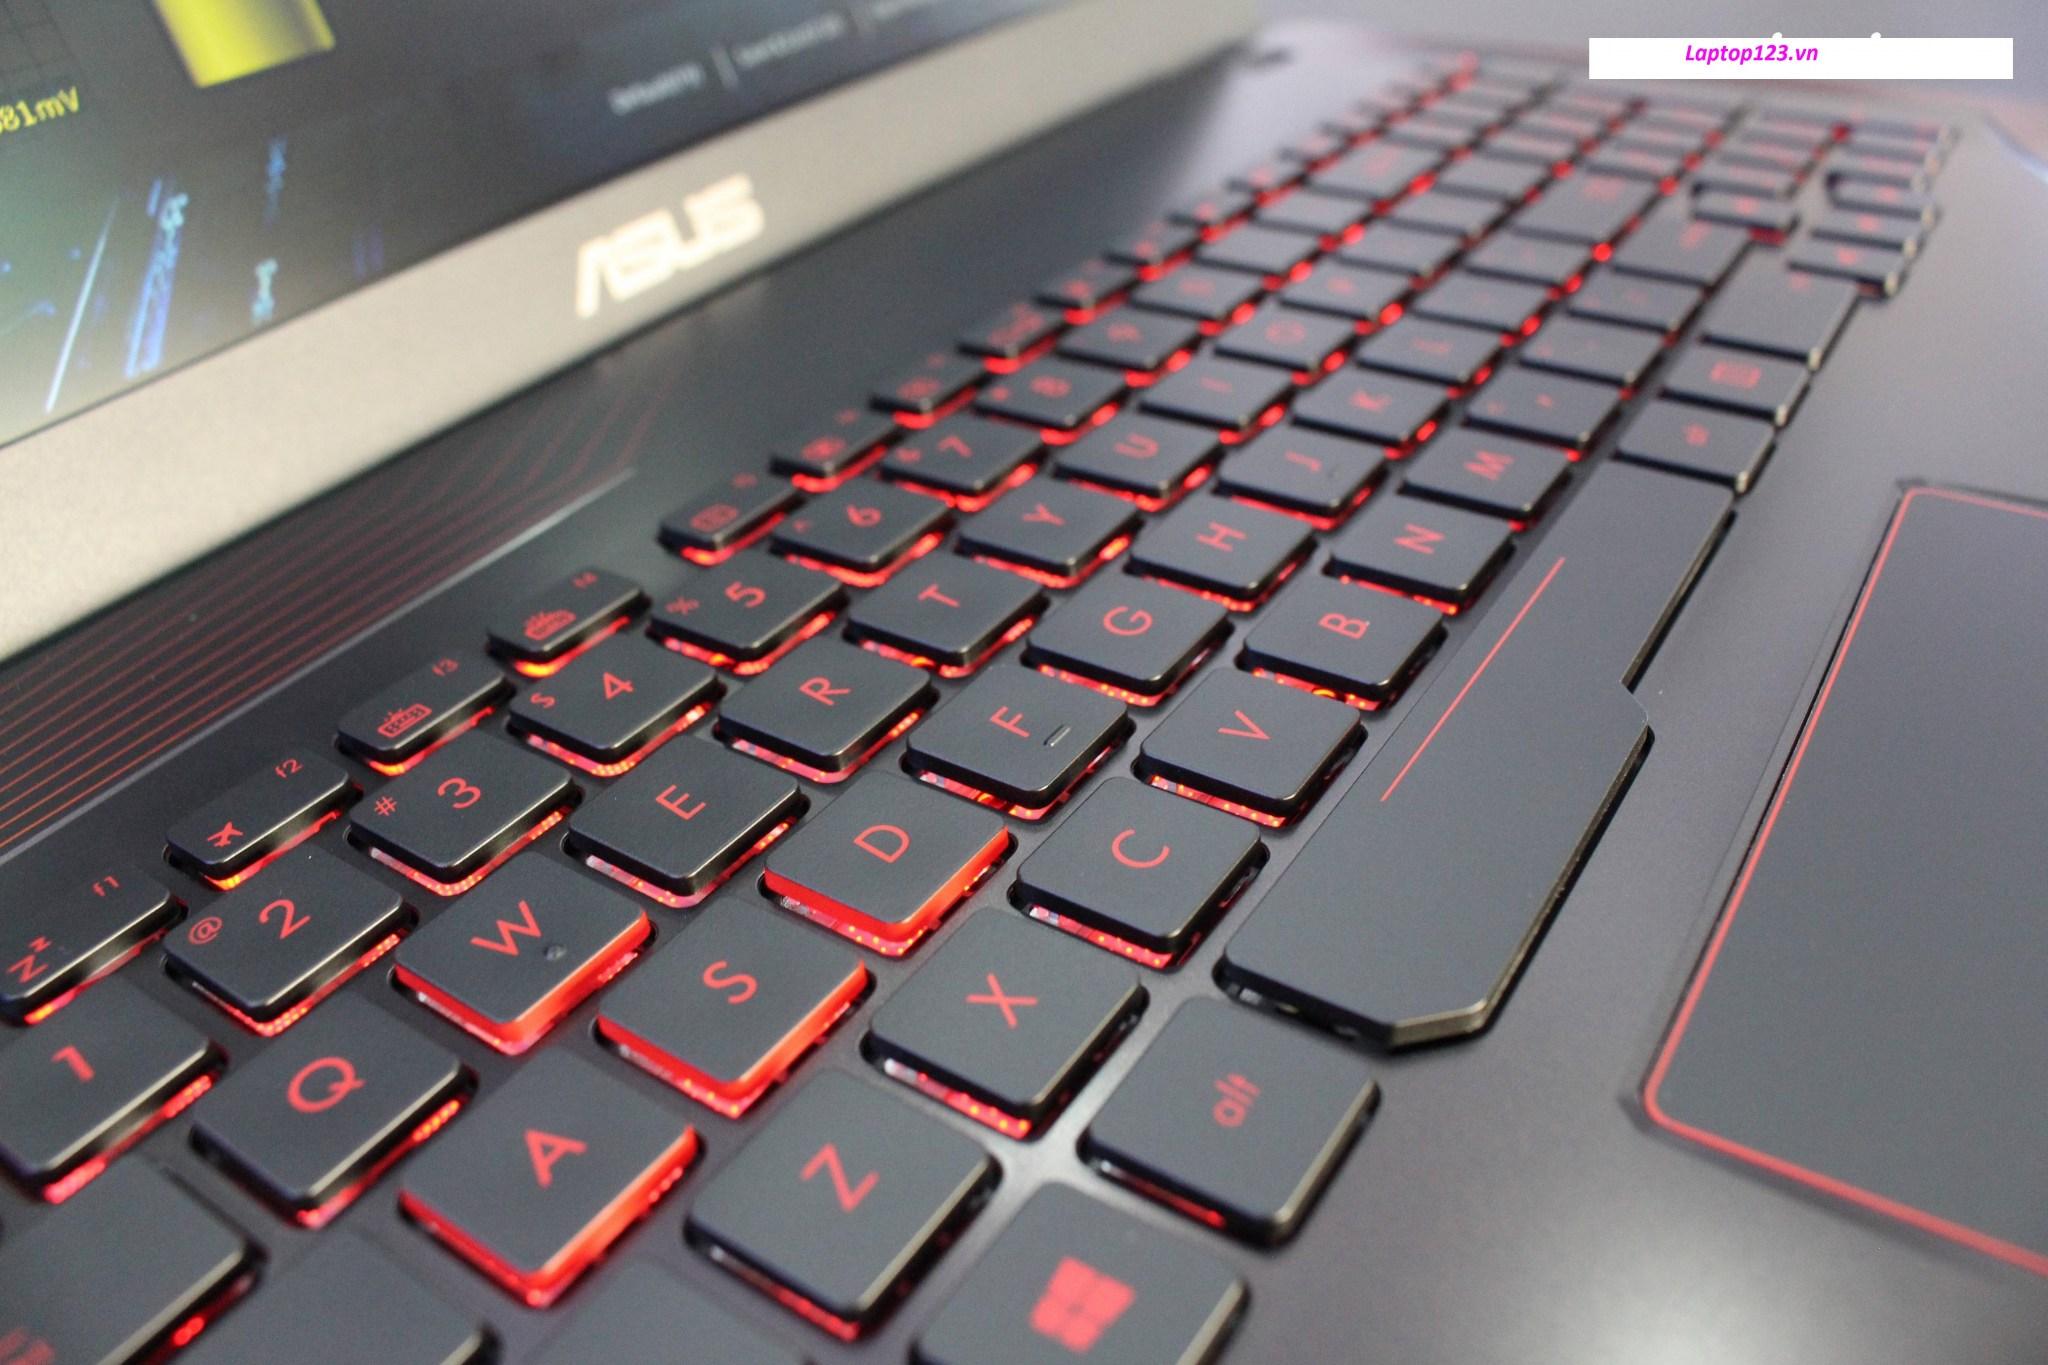 Thay bàn phím laptop Asus FX533VD giá rẻ tại Hà Nội